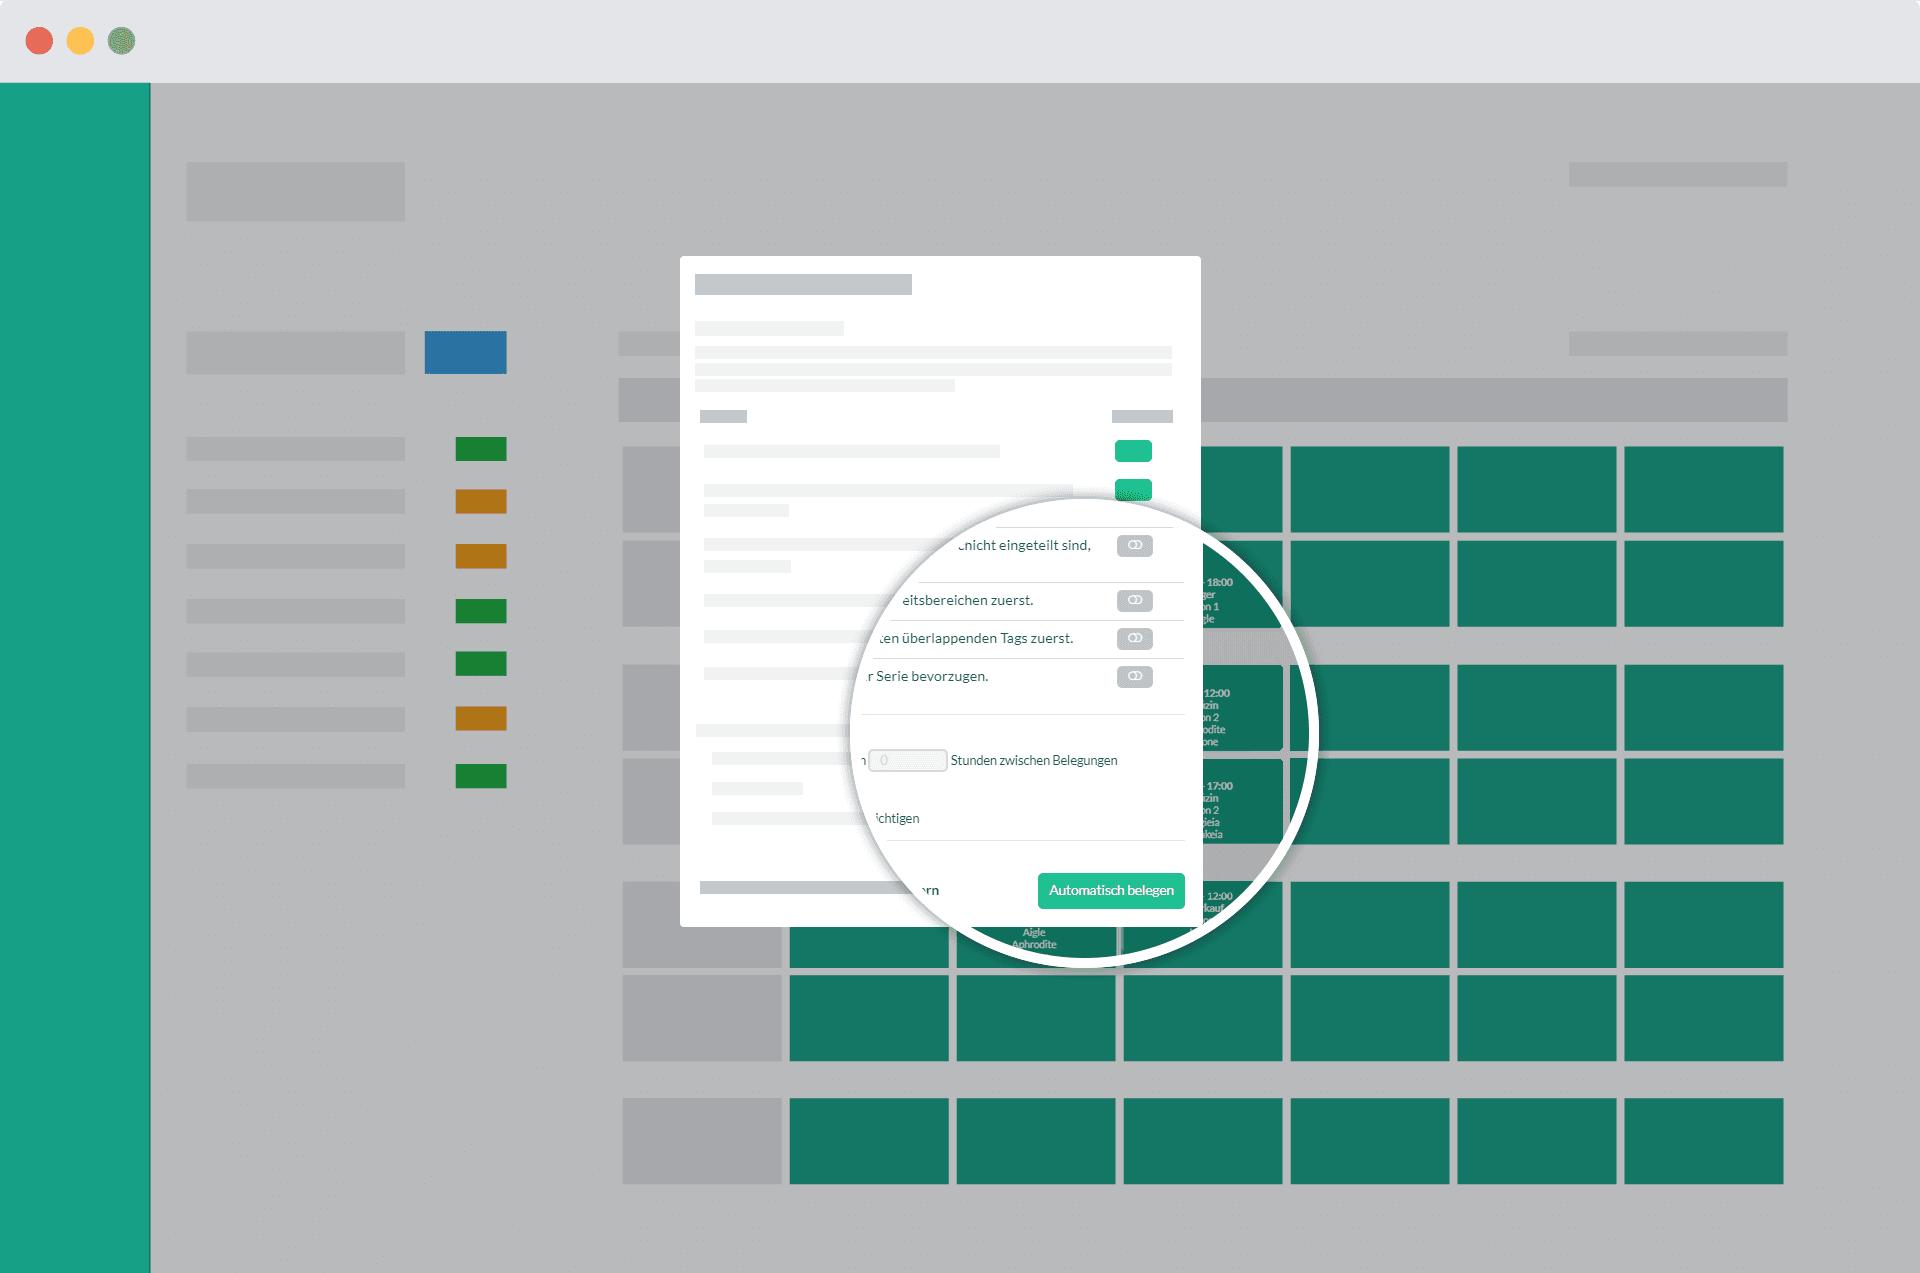 Detailaufnahme des Popups für automatische Dienstplanung